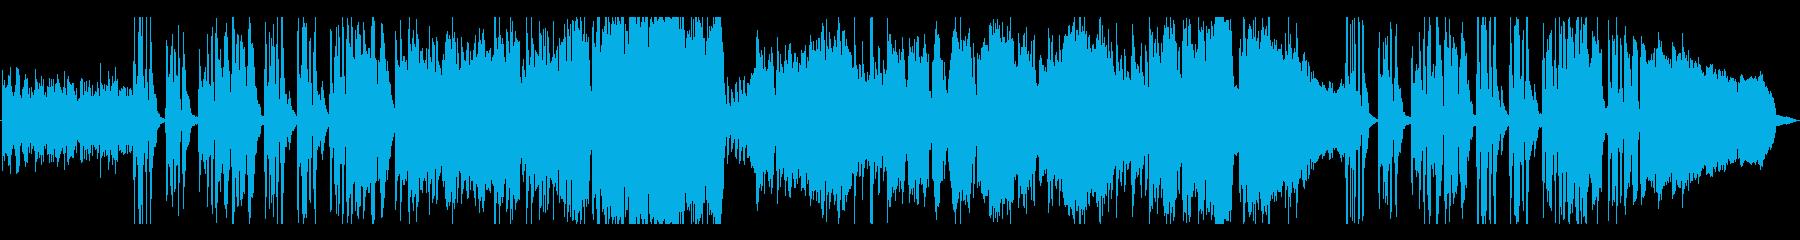 生演奏《トロンボーンのコミカルな曲》の再生済みの波形